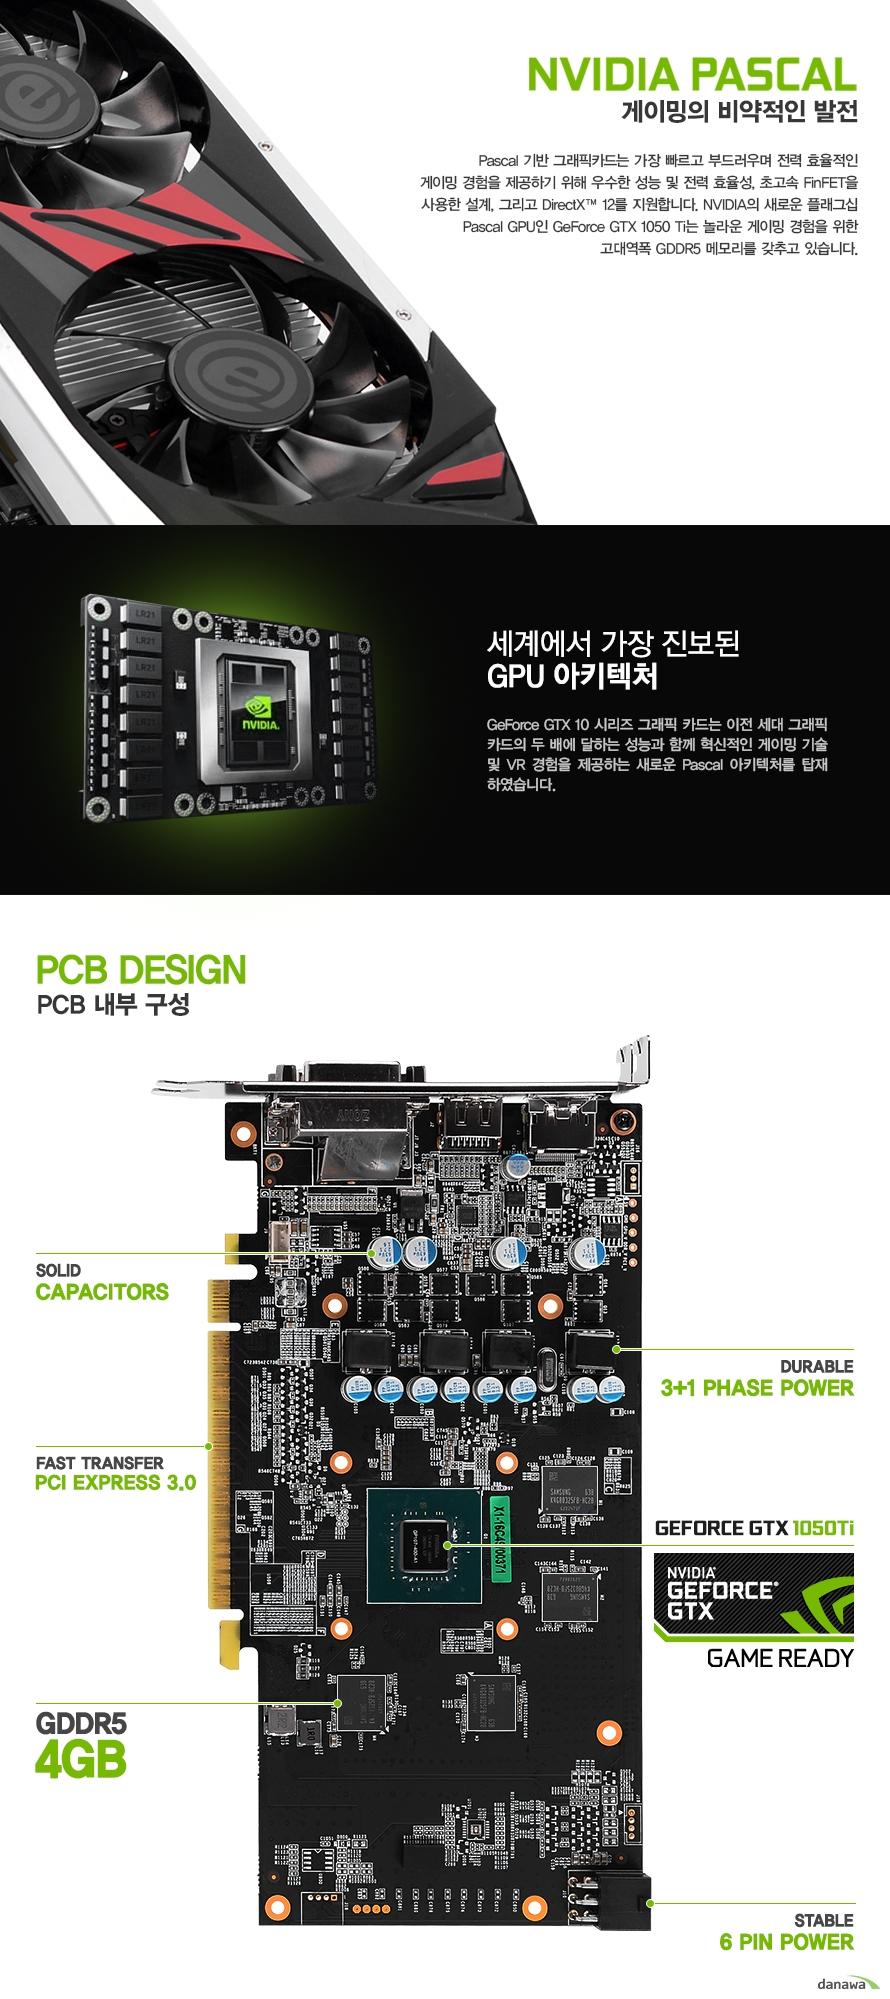 엔비디아 파스칼게이밍의 비약적인 발전Pascal 기반 그래픽카드는 가장 빠르고 부드러우며 전력 효율적인게이밍 경험을 제공하기 위해 우수한 성능 및 전력 효율성, 초고속 FinFET을사용한 설계, 그리고 DirectX 12를 지원합니다. NVIDIA의 새로운 플래그십Pascal GPU인 GeForce GTX 1050 Ti는 놀라운 게이밍 경험을 위한고대역폭 GDDR5 메모리를 갖추고 있습니다.세계에서 가장 진보된GPU 아키텍처GeForce GTX 10 시리즈 그래픽 카드는 이전 세대 그래픽카드의 두 배에 달하는 성능과 함께 혁신적인 게이밍 기술및 VR 경험을 제공하는 새로운 Pascal 아키텍처를 탑재하였습니다.PCB 내부 구성PCB DESIGN지포스 GTX1050Ti 칩셋솔리드 캐패시터3+1 페이즈 전원부PCI 익스프레스 3.0GDDR5 4GB6핀 전원 커넥터